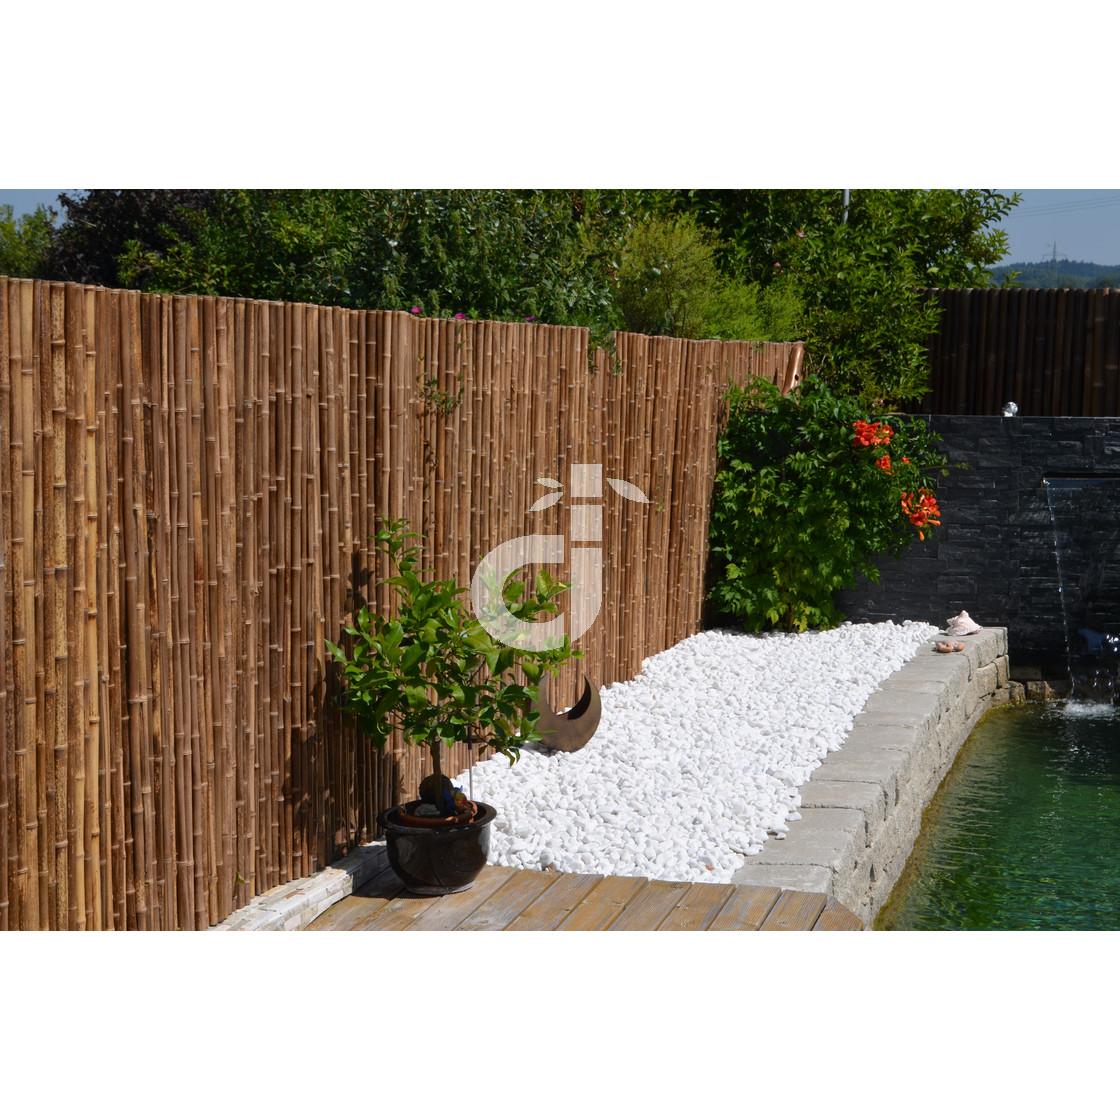 Full Size of Robuster Bambus Holz Sicht Schutz Zaun Aty Nigra Von De Commerce Garten Paravent Bett Wohnzimmer Paravent Bambus Balkon